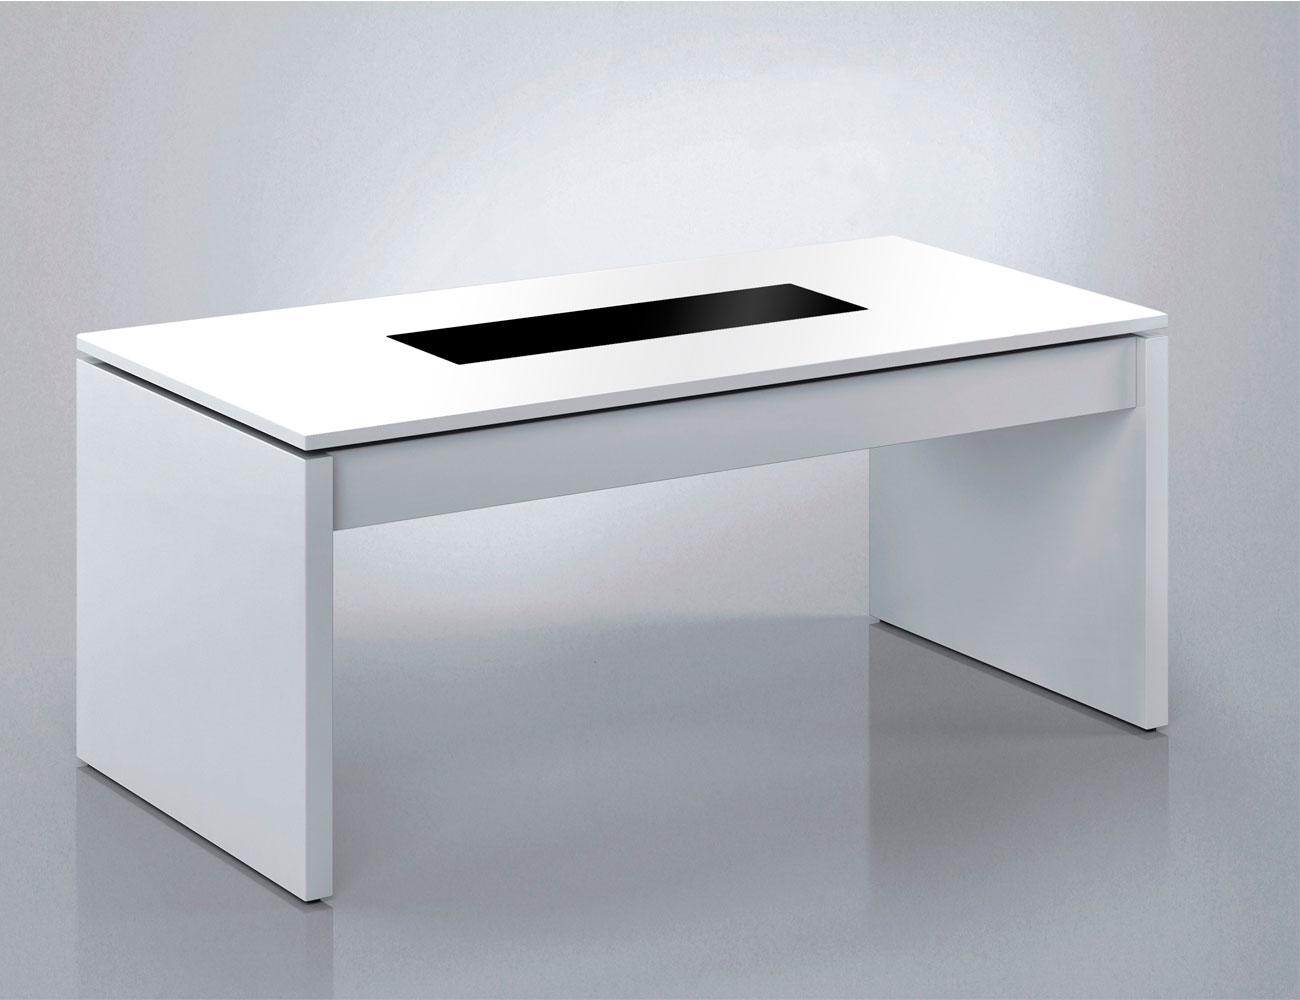 Mesa centro elevable con cristal blanco cerrado